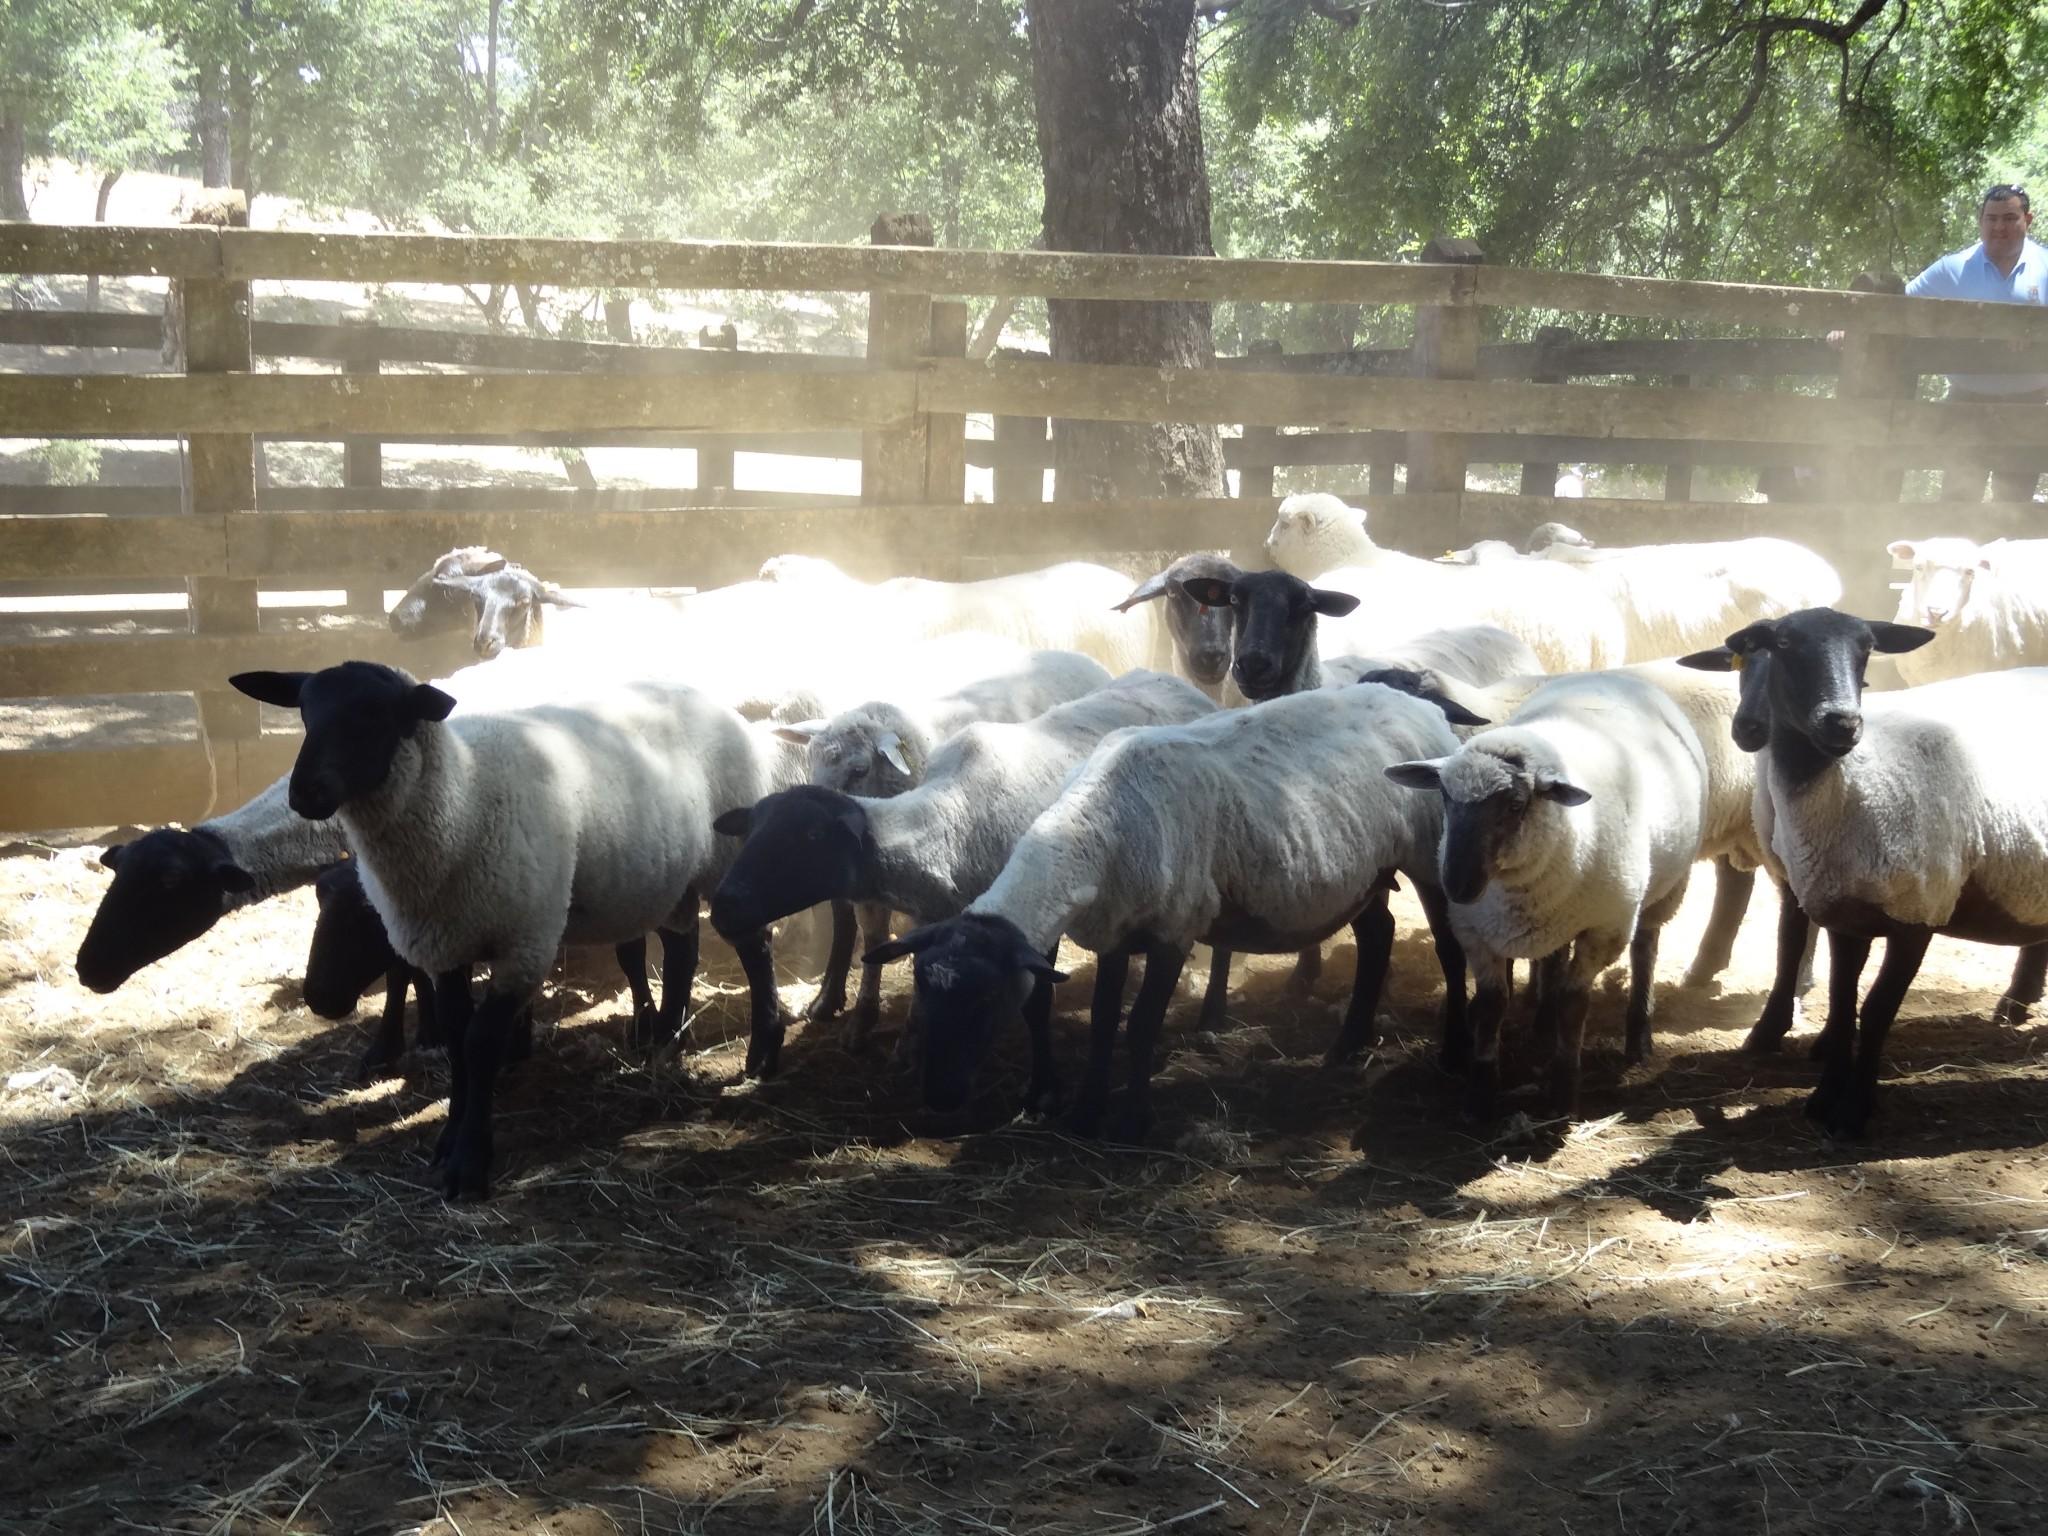 Proyecto permitirá aumentar la producción ovina de manera sustentable